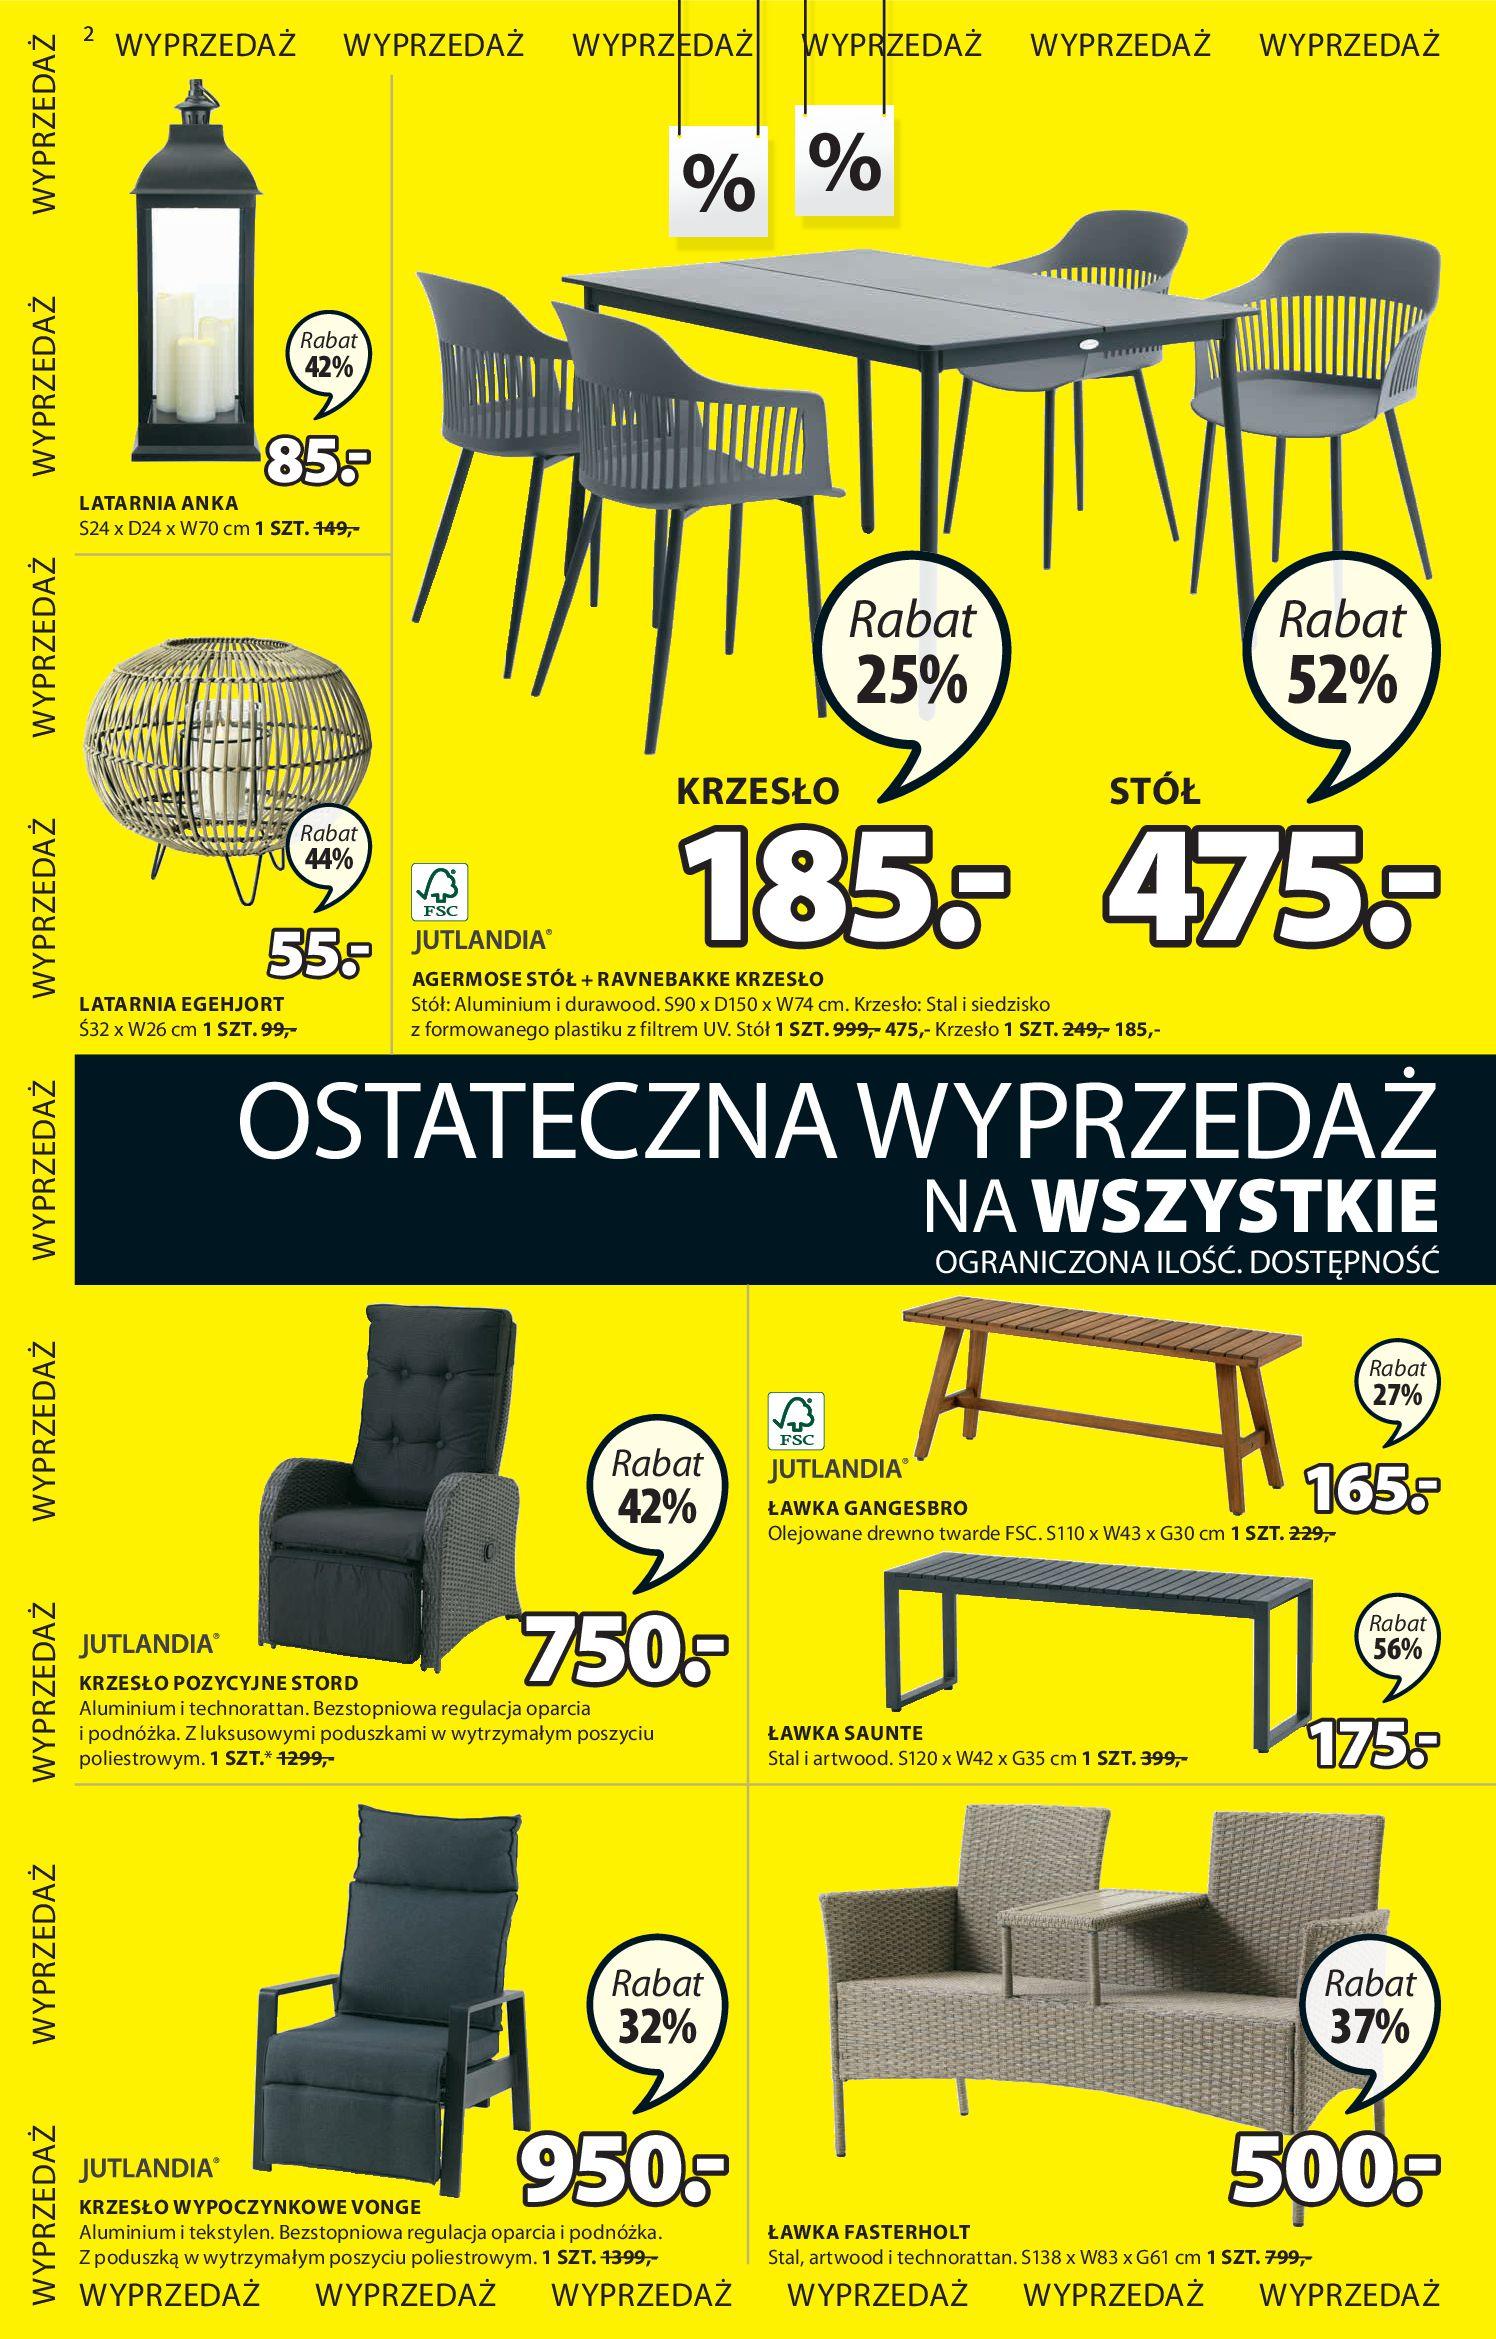 Gazetka Jysk - Oferta tygodnia-29.07.2020-12.08.2020-page-3